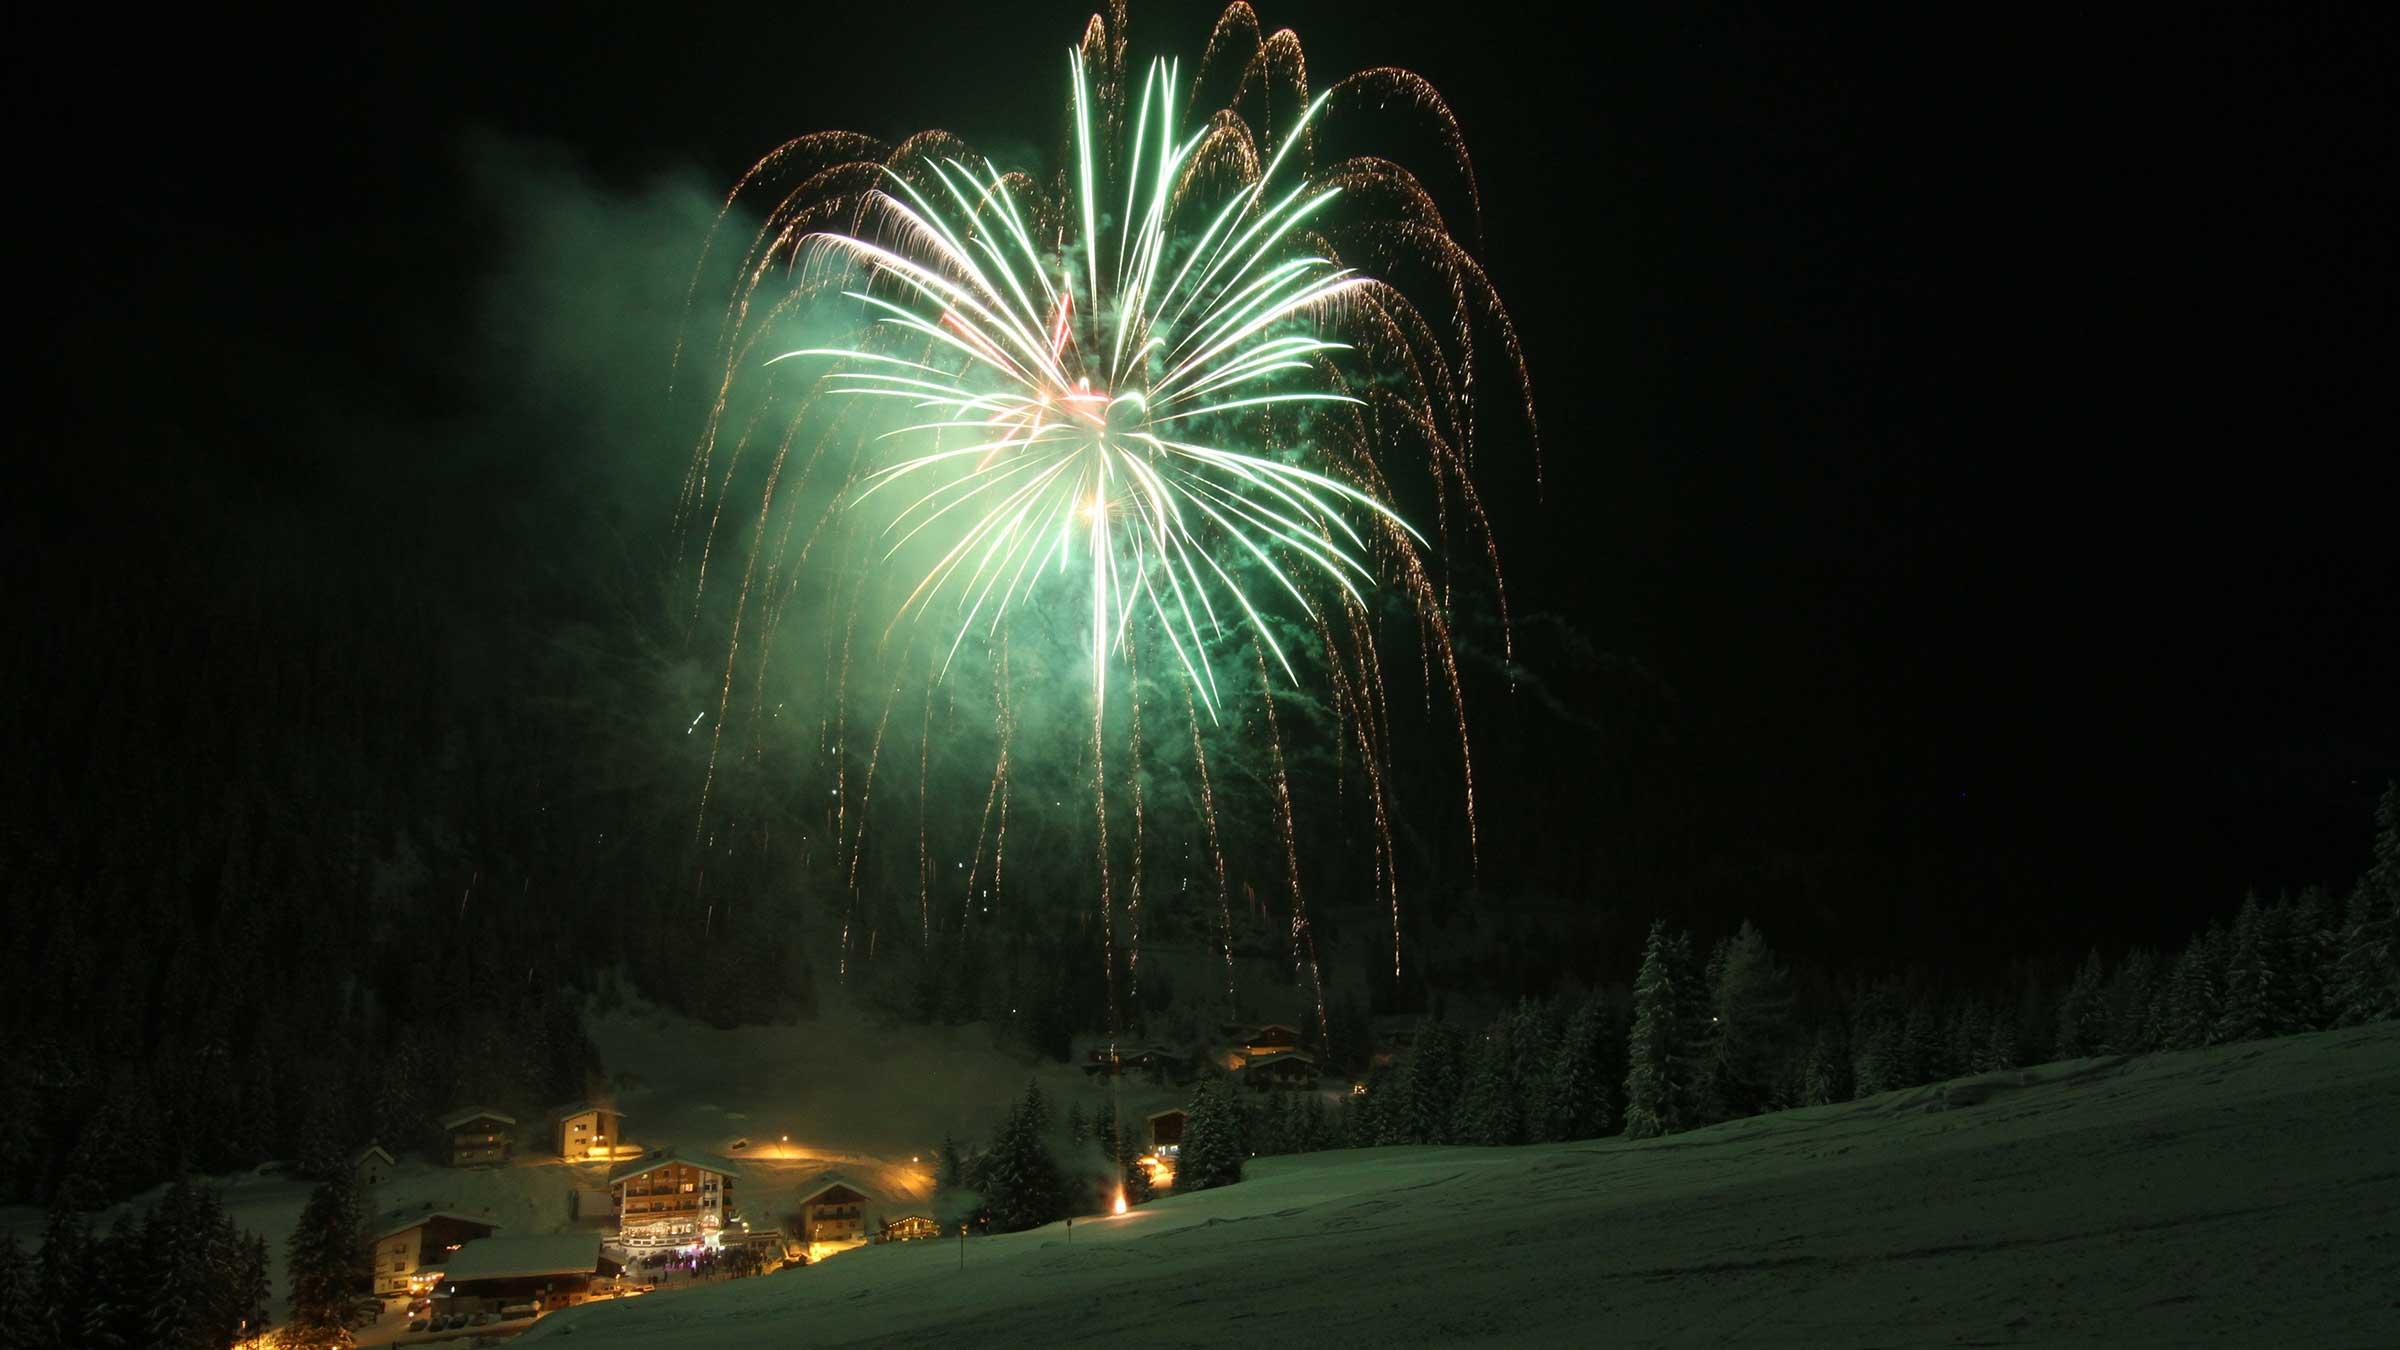 Feuerwerk über Ochsengarten - Weihnachtsurlaub im Ötztal